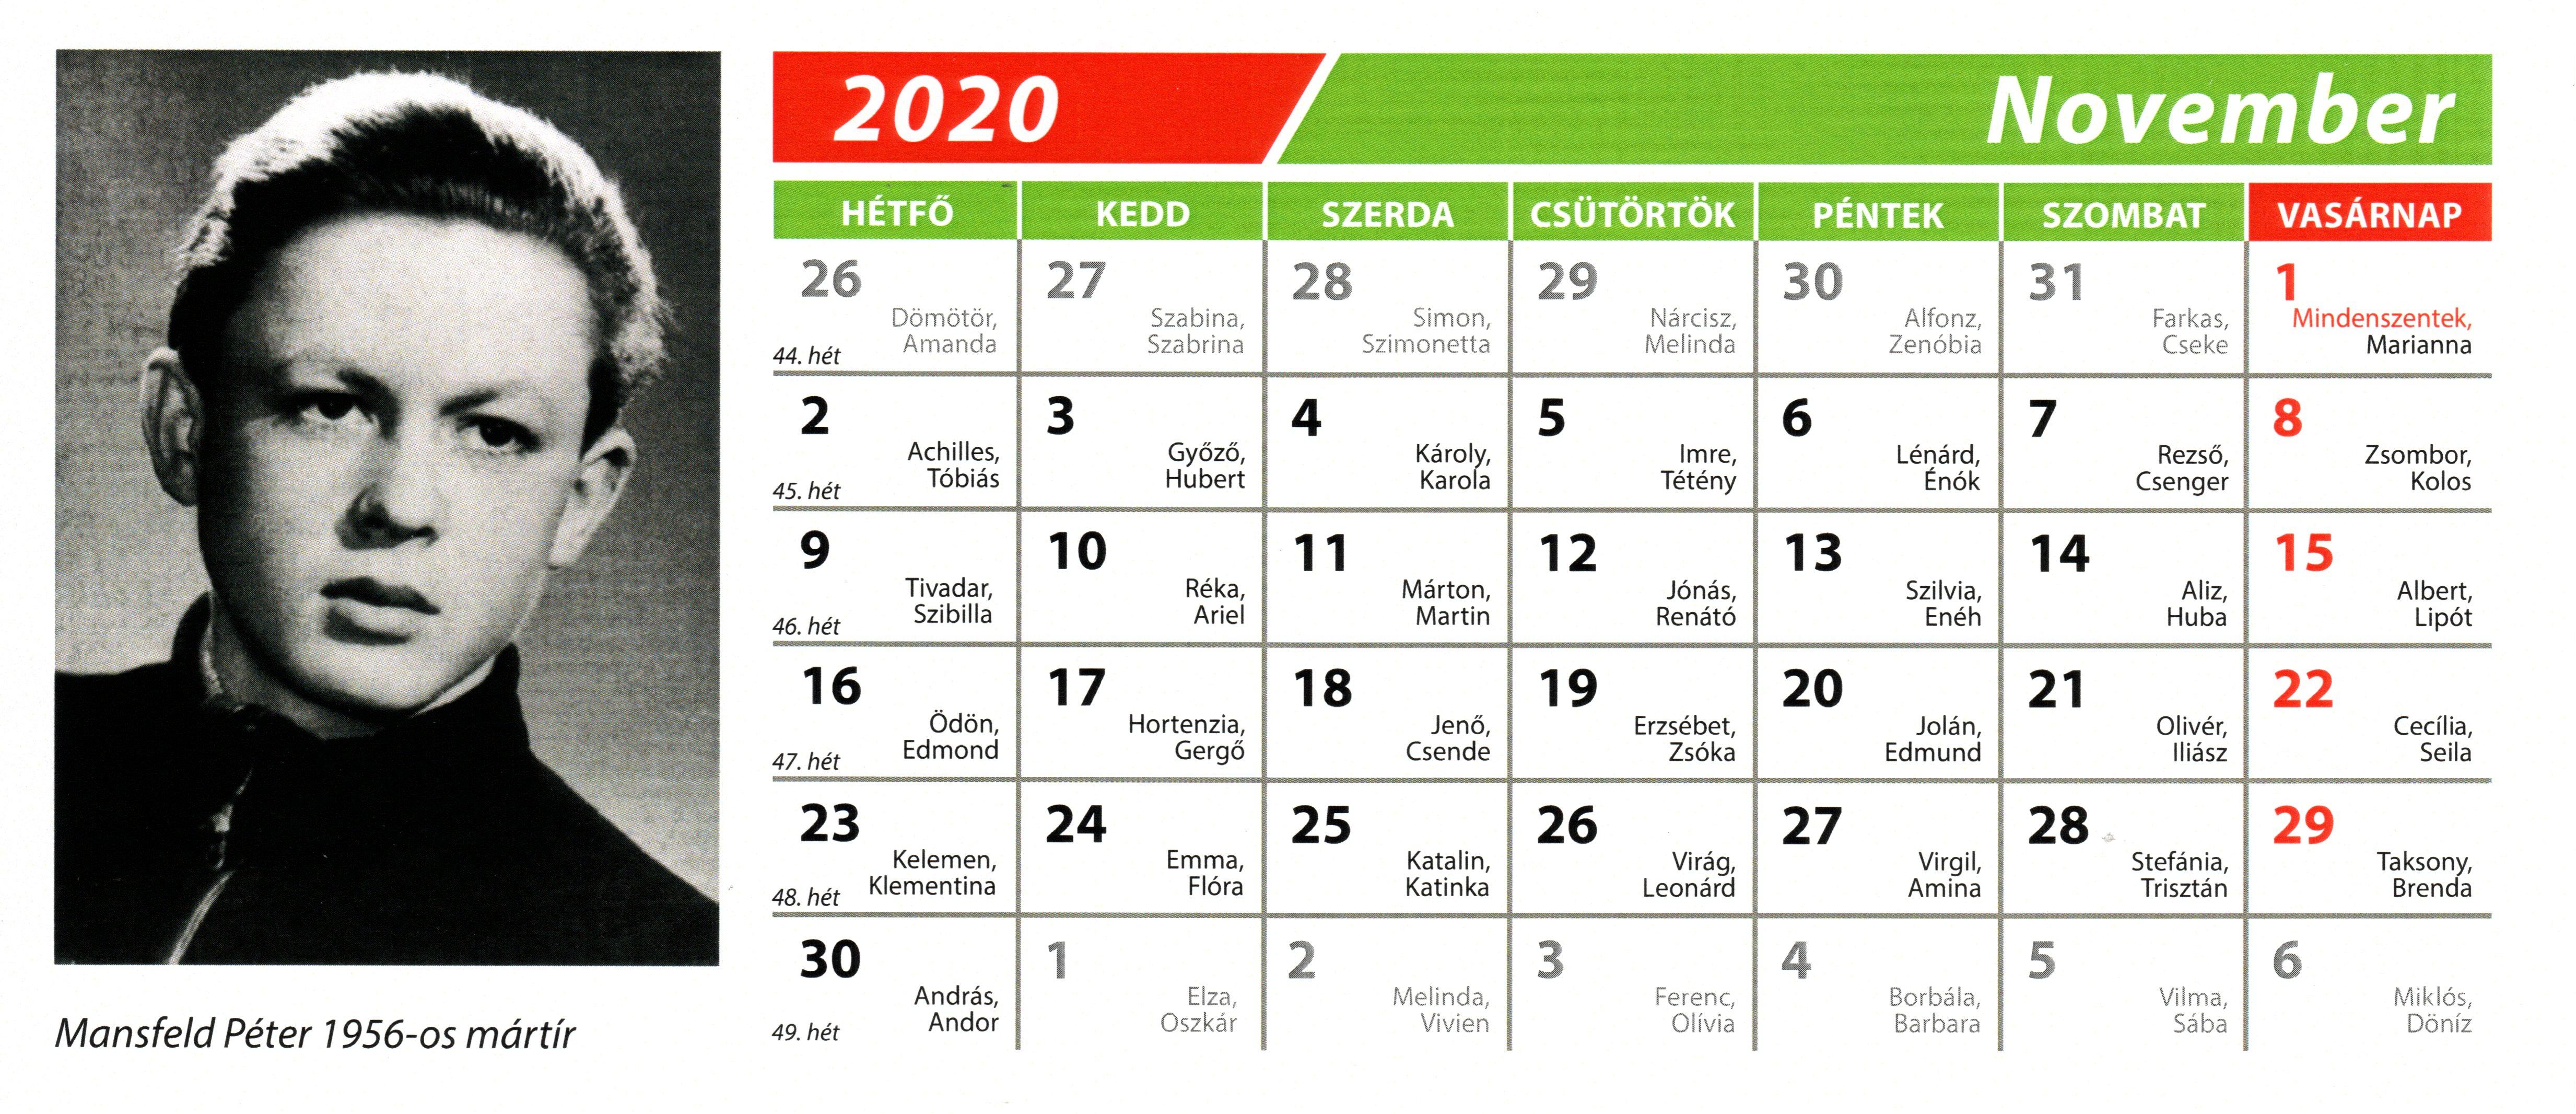 1956-MN-2020-évi-naptár-11-november